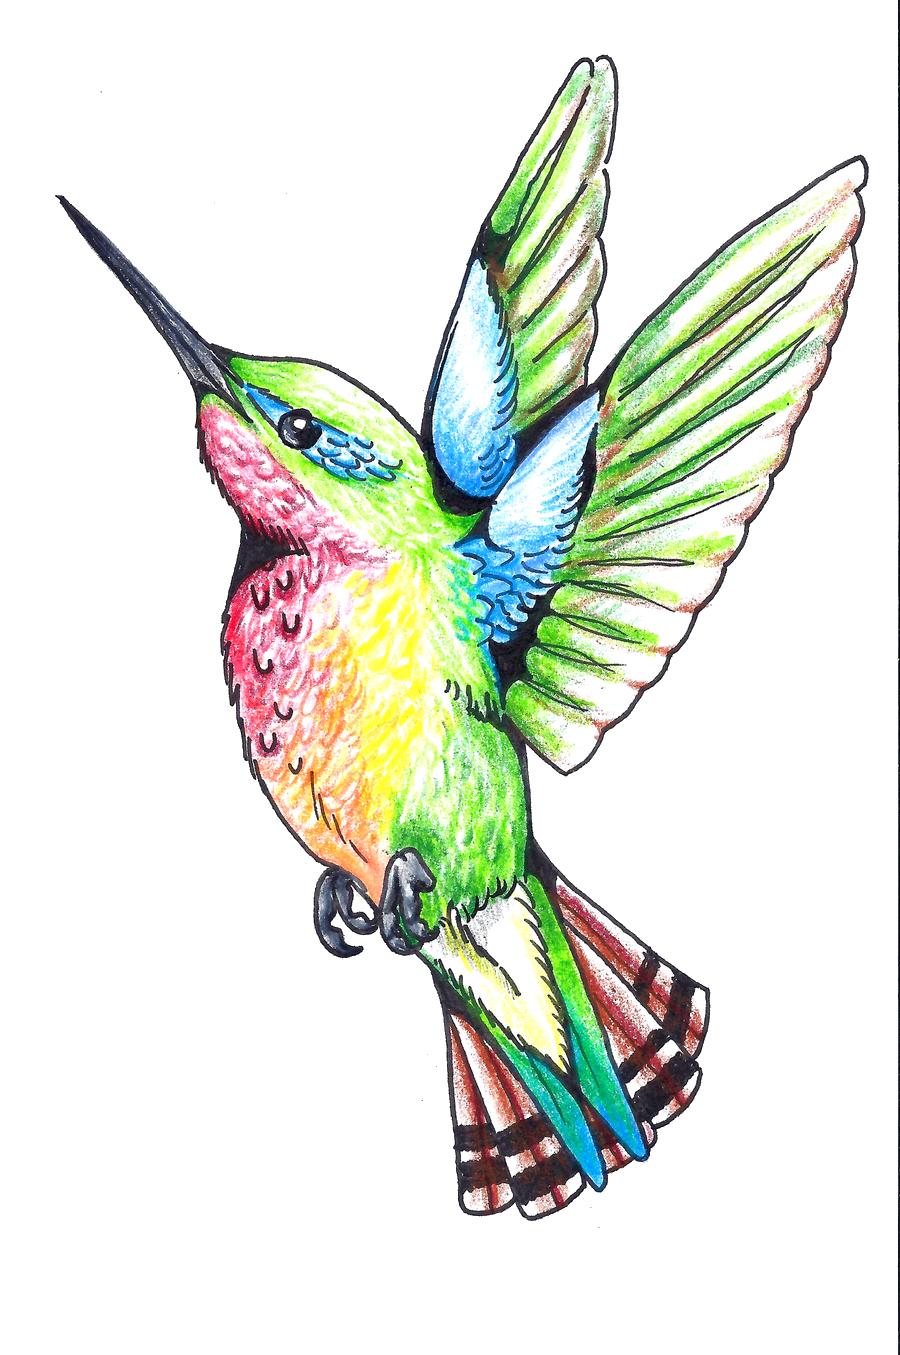 Hummingbird clipart rainbow. Download tattoos png hq